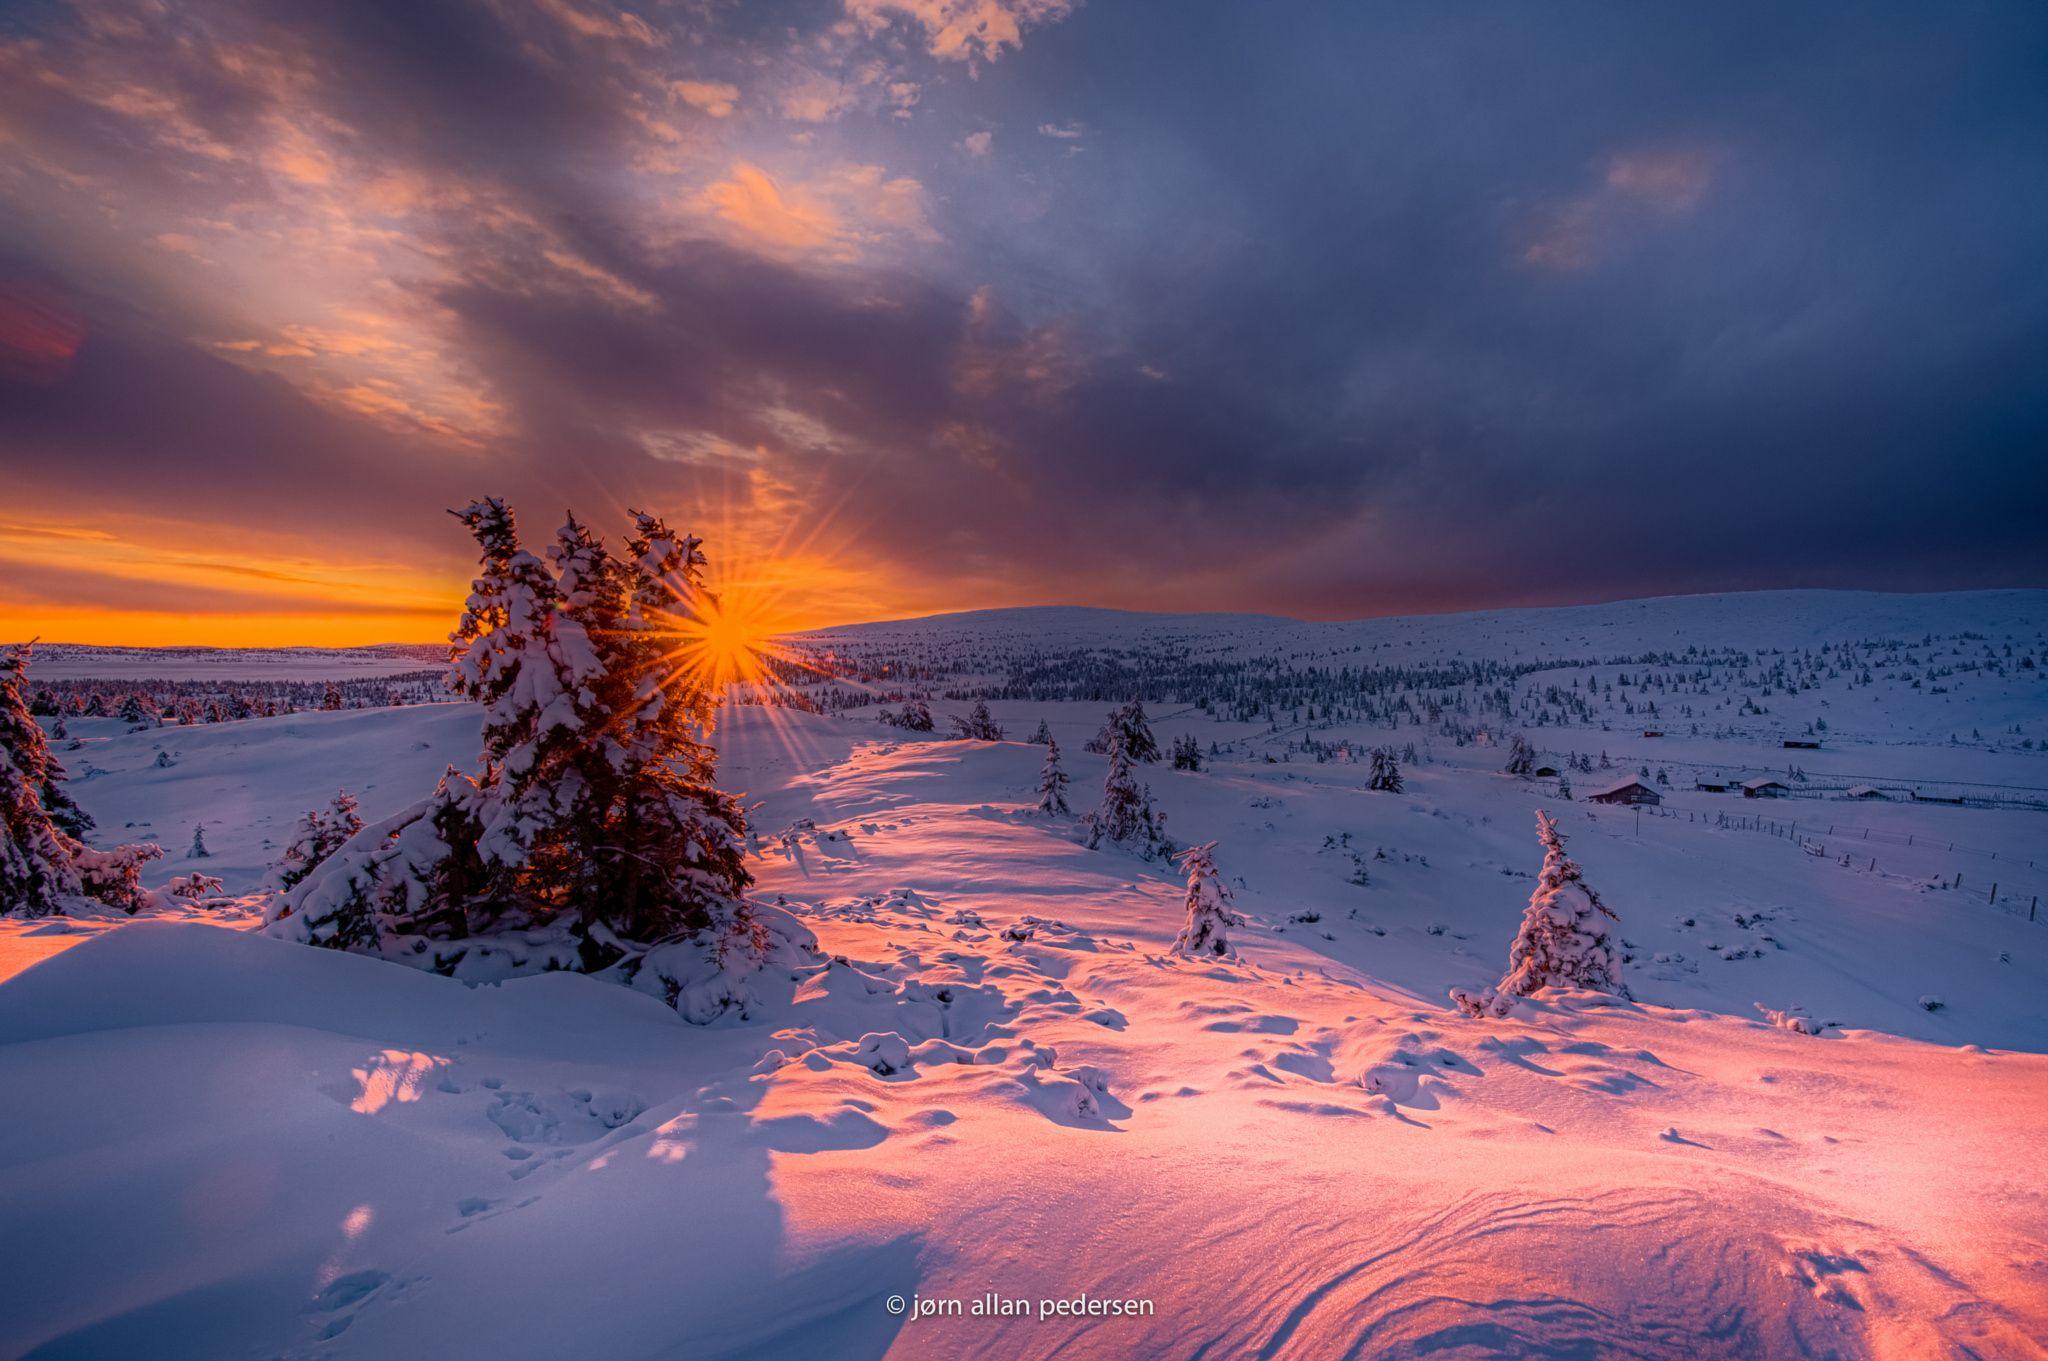 First winter morning by Jørn Allan Pedersen / 500px